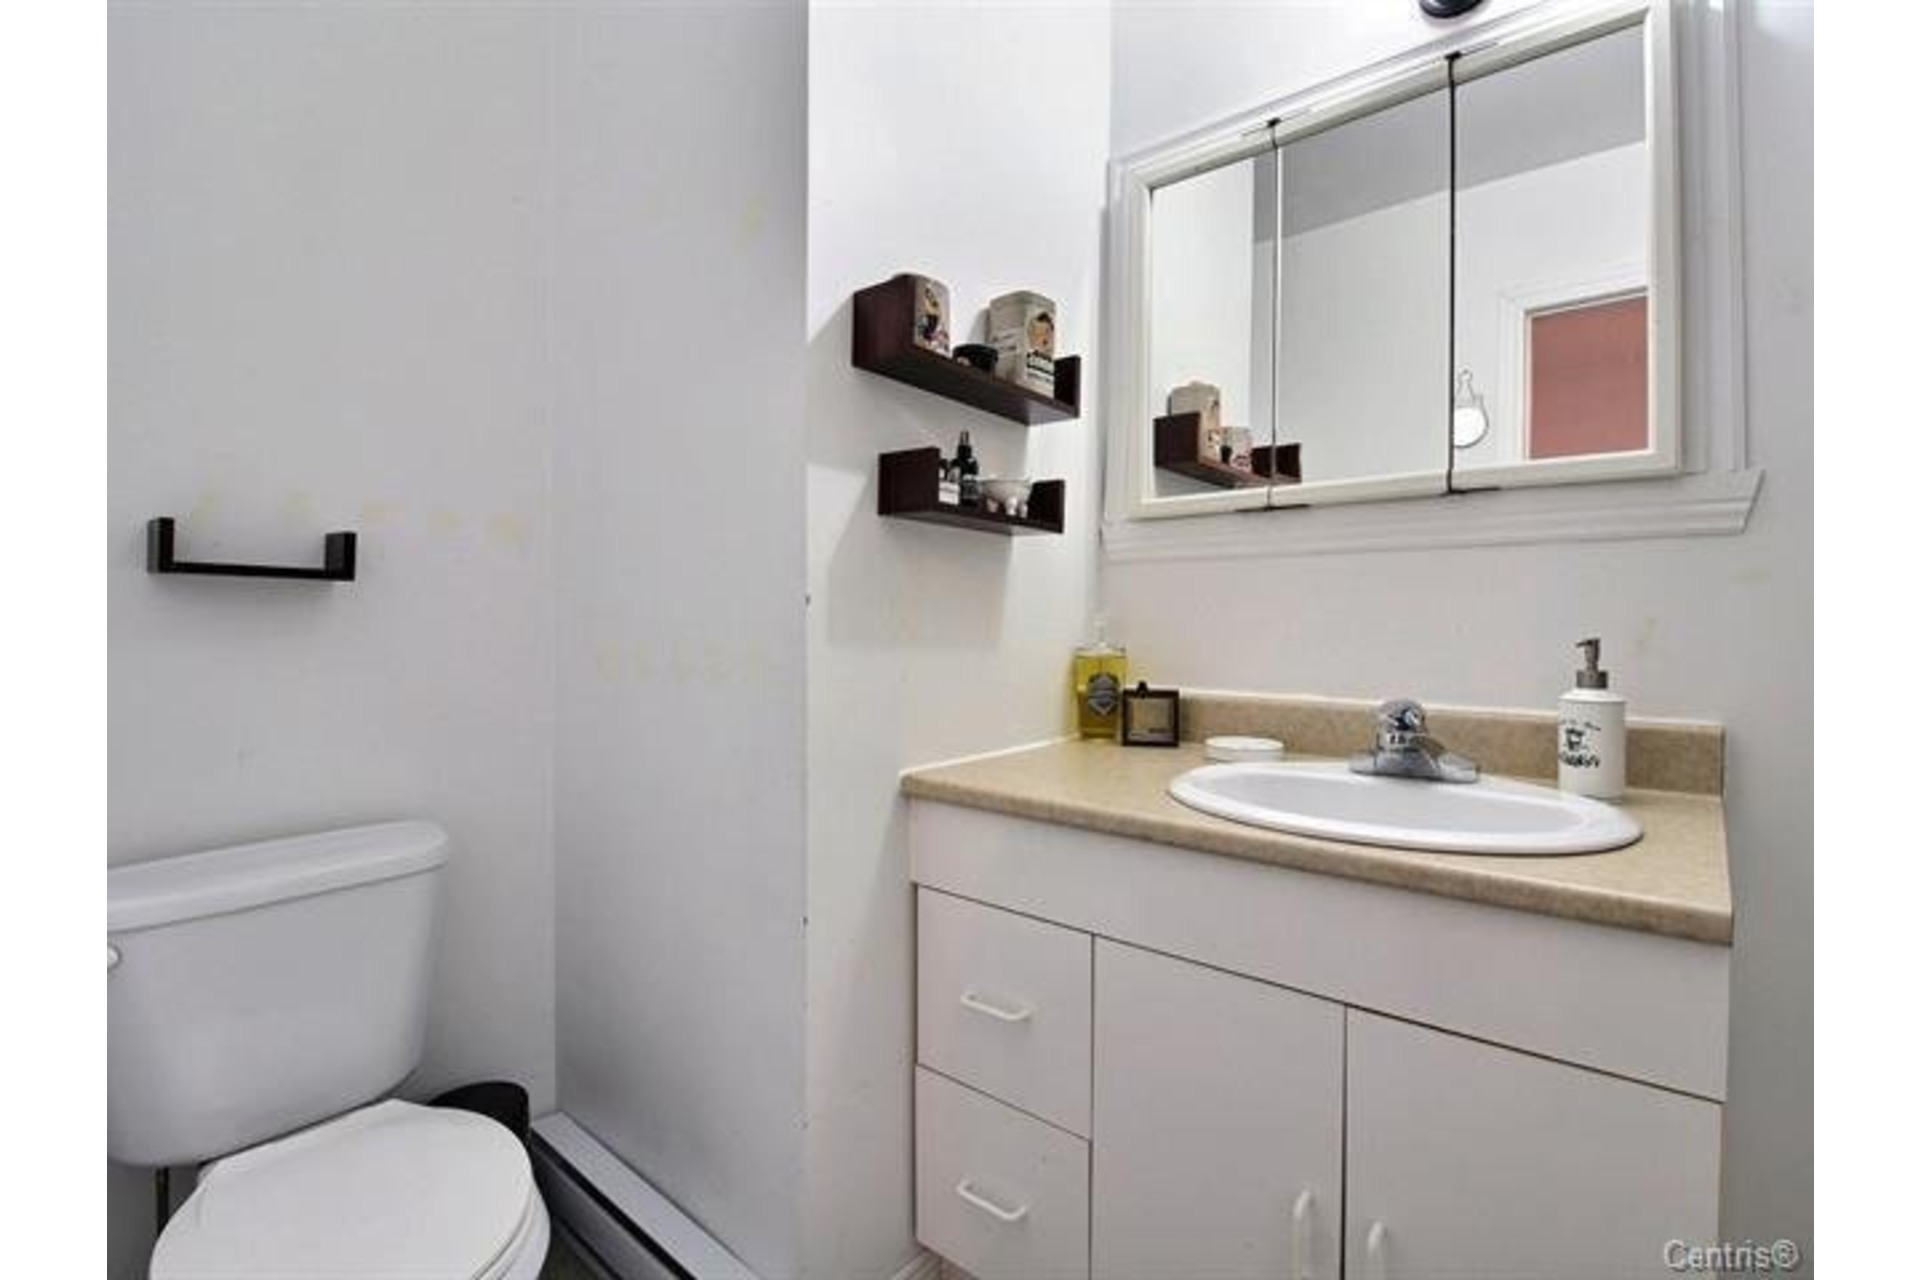 image 14 - Apartment For rent Montréal Mercier/Hochelaga-Maisonneuve  - 7 rooms